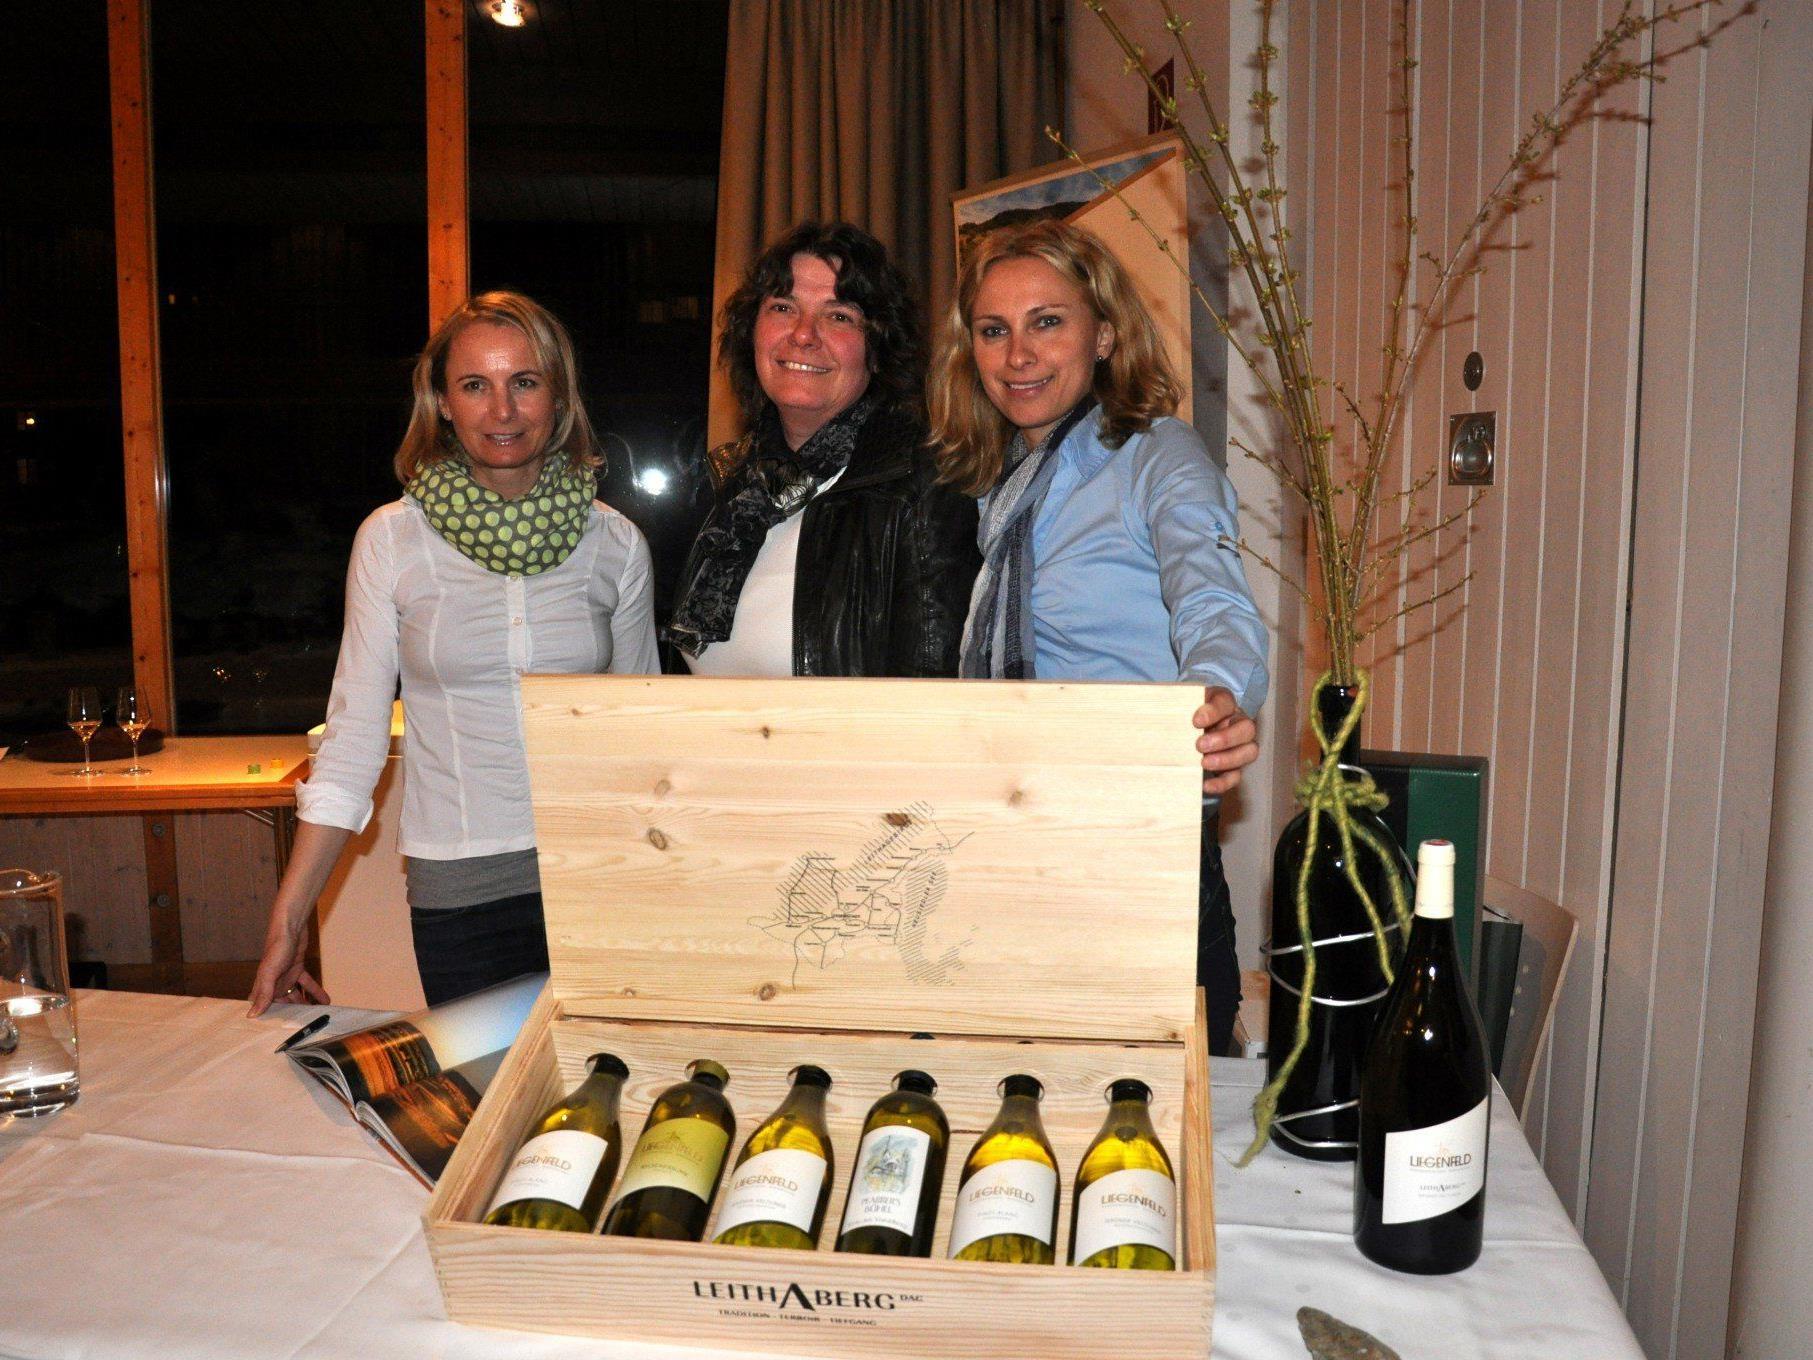 Zahlreiche Spitzenweine wurden den zahlreichen Besuchern zur Verkostung angeboten.